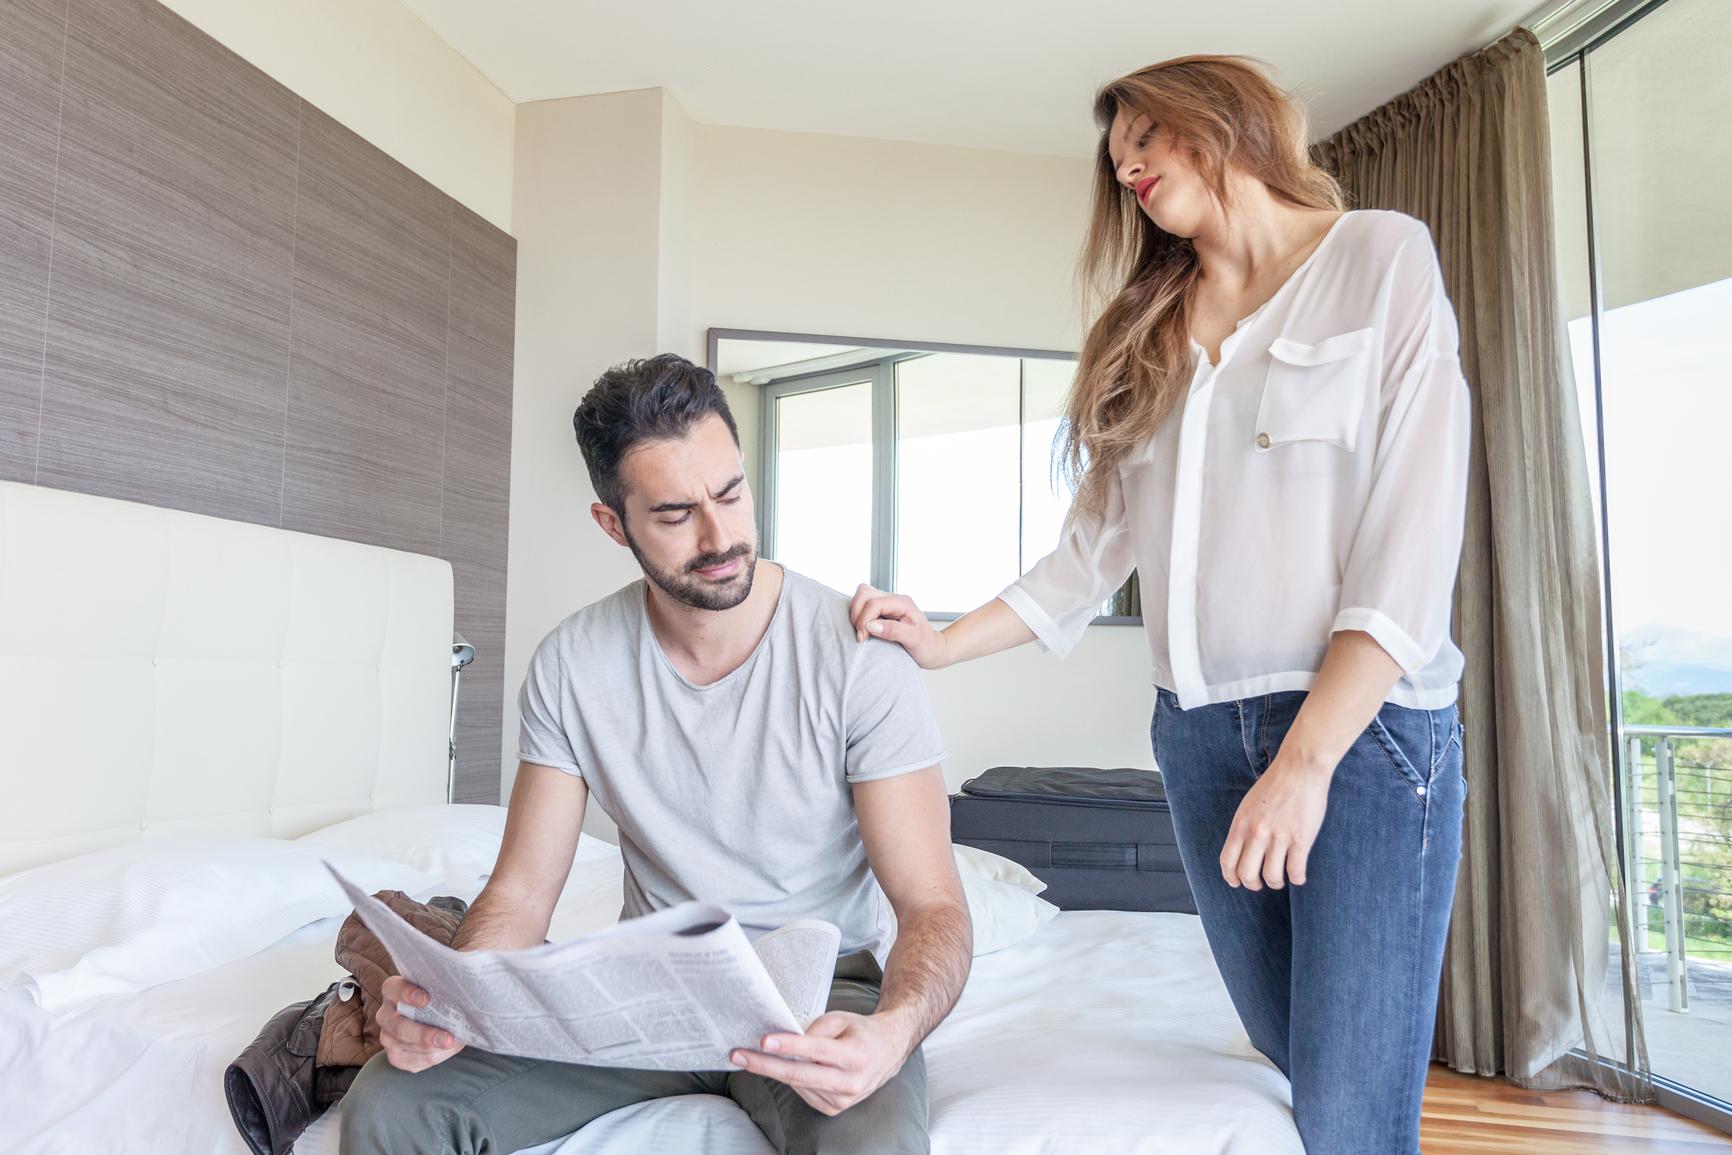 Секреты внимания мужчины к женщине: учимся притягивать взгляды!